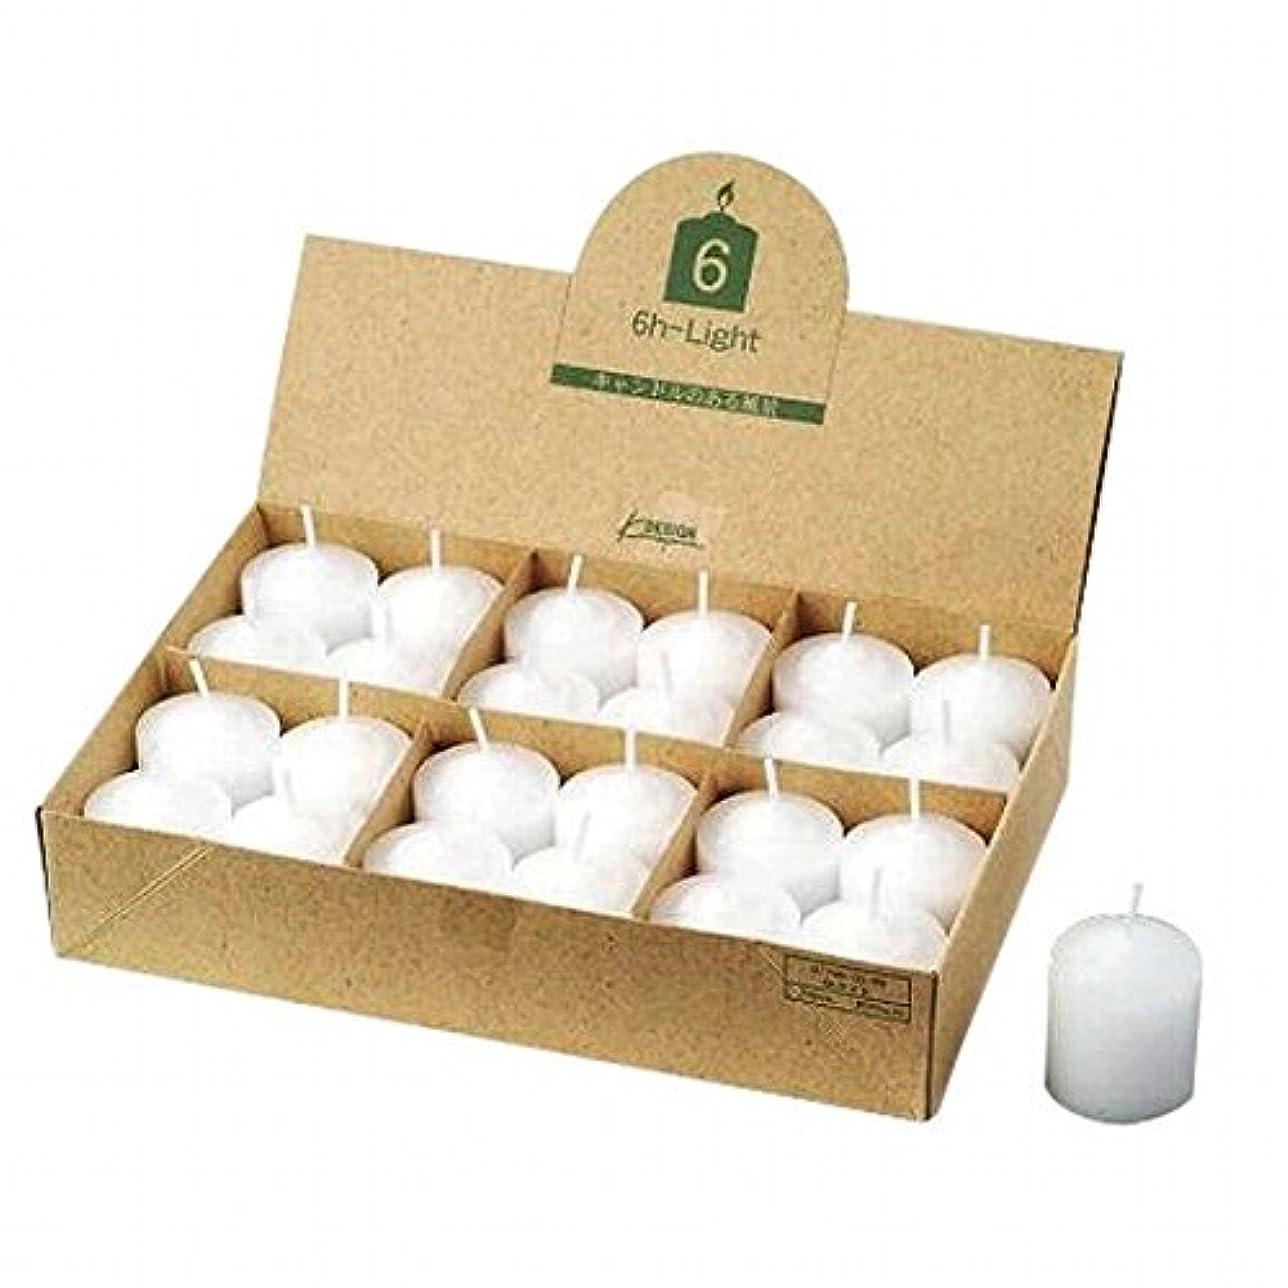 痛みマーカー遅滞カメヤマキャンドル(kameyama candle) 6Hライト(6時間タイプ)24個入り(日本製)